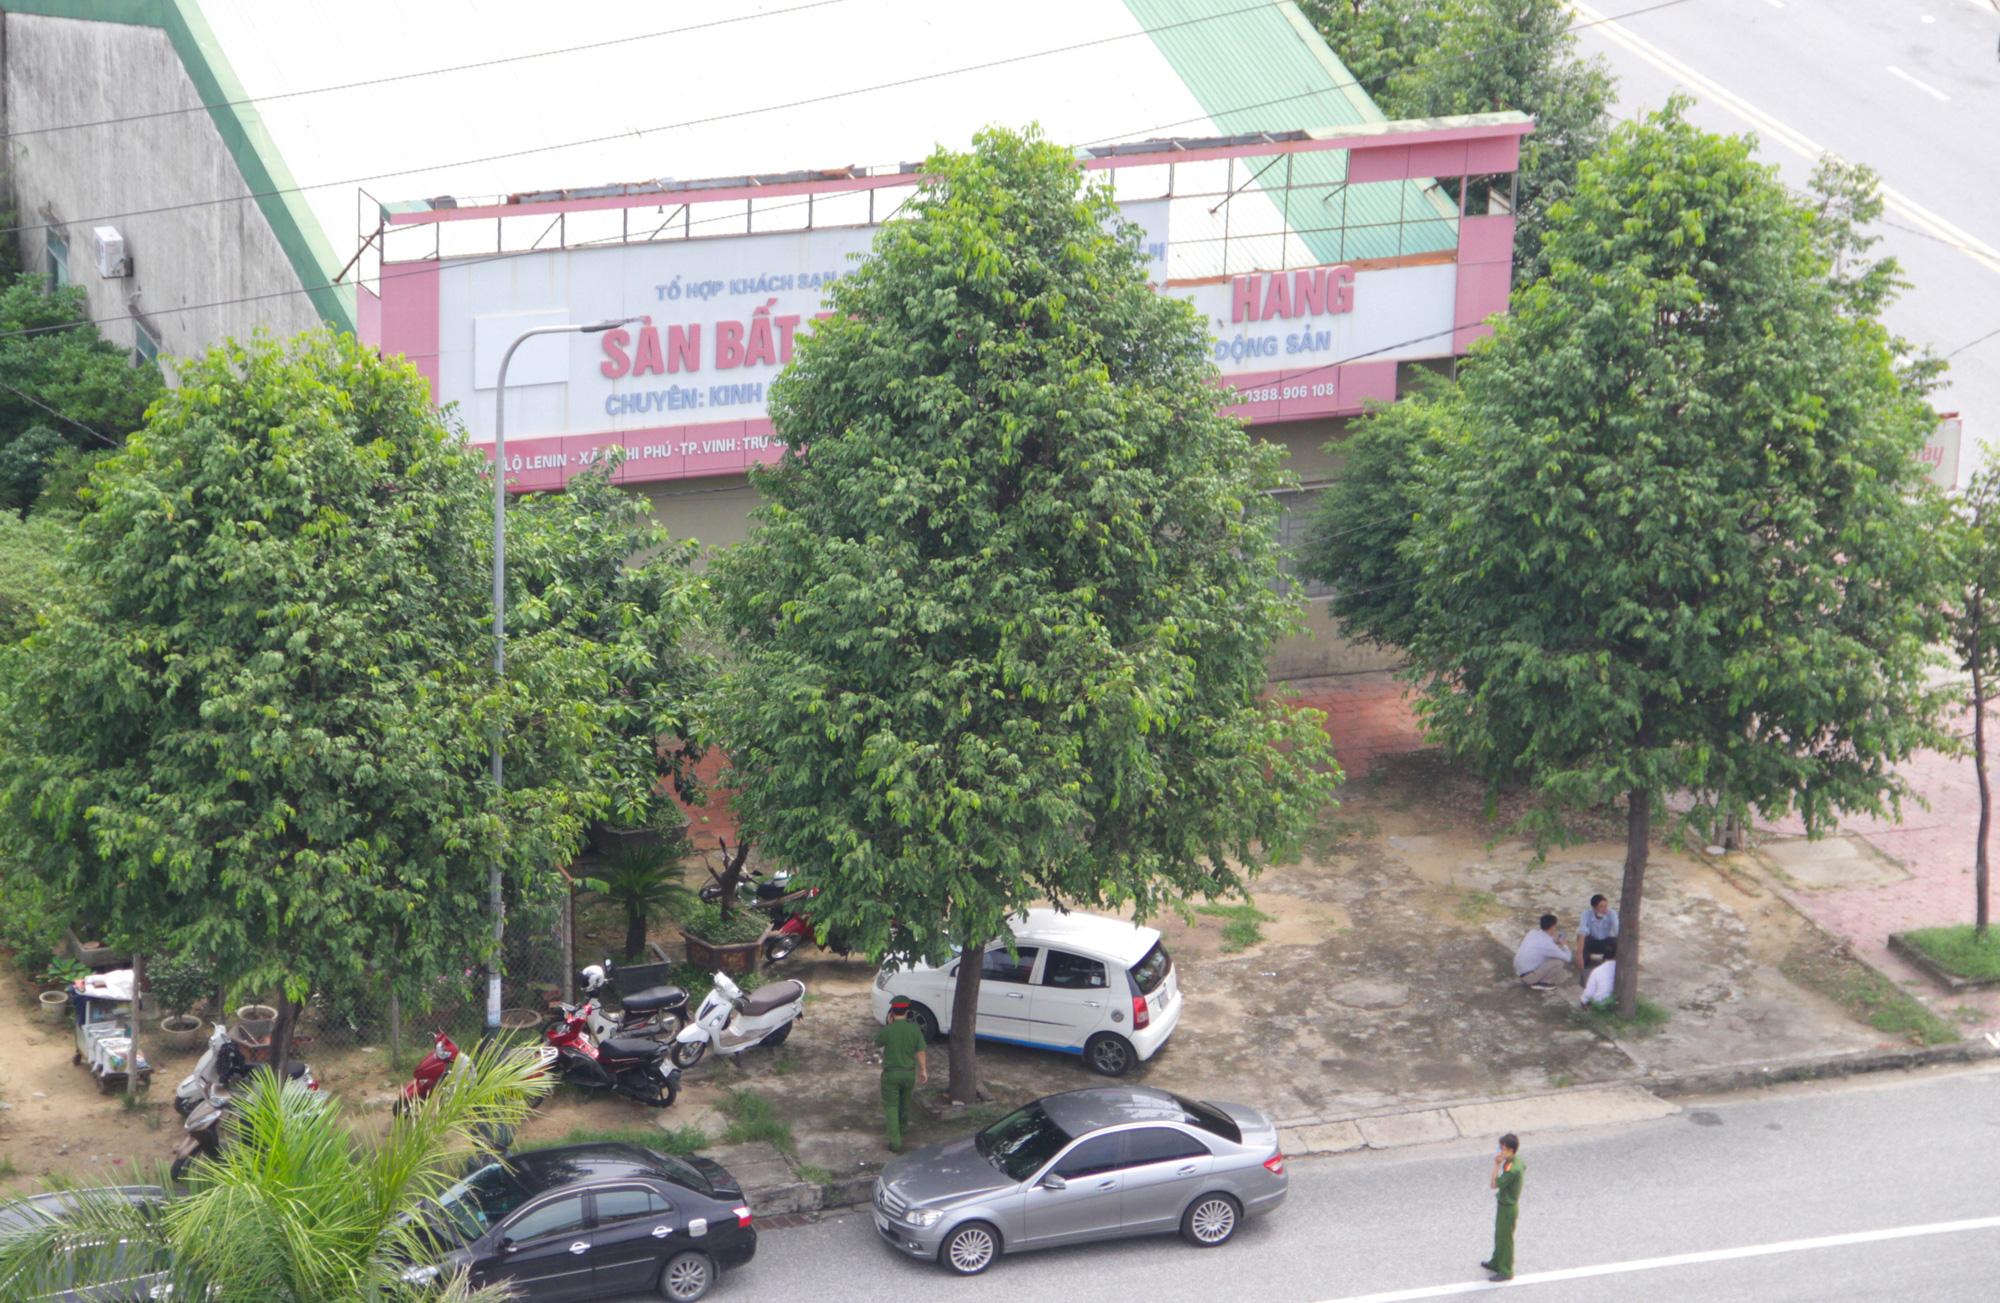 Cận cảnh khu đô thị vip ở Nghệ An khiến 2 vợ chồng đại gia bị bắt giam - Ảnh 12.